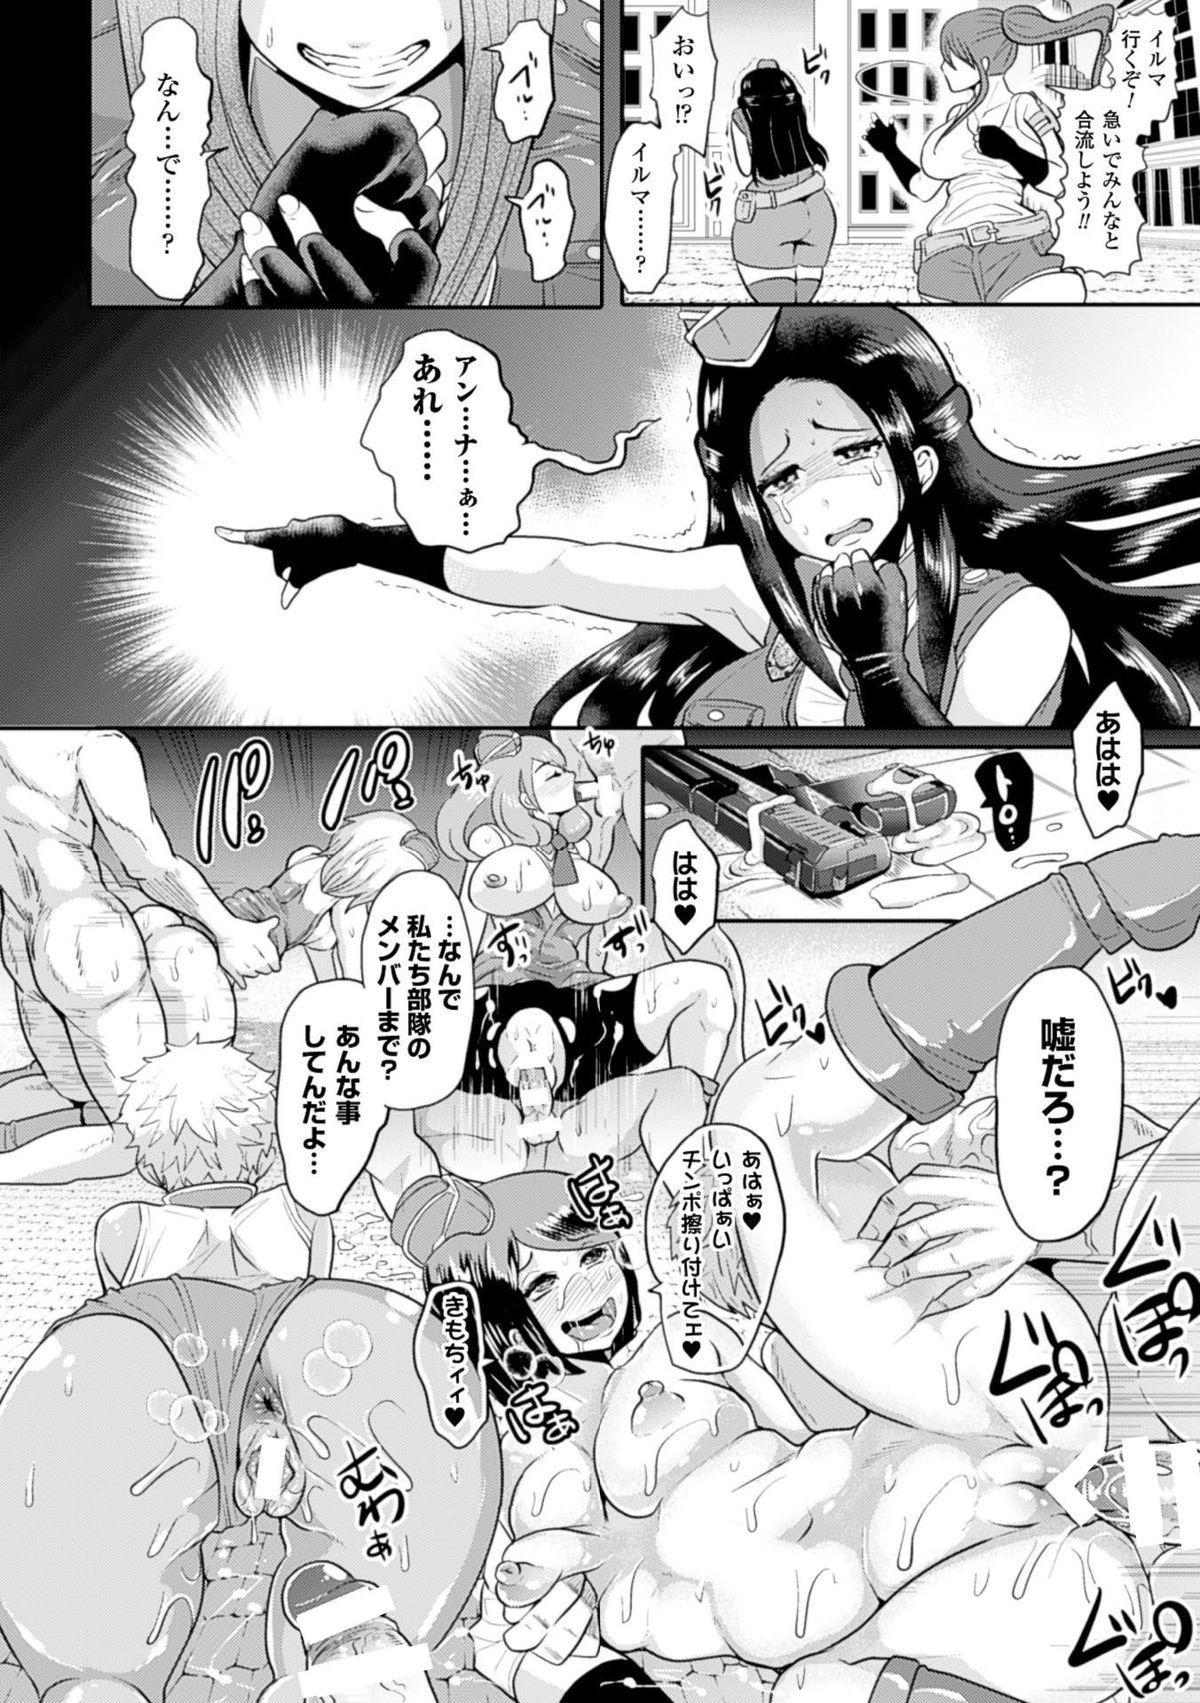 Bessatsu Comic Unreal Inyoku Kansen Hen Vol.2 45